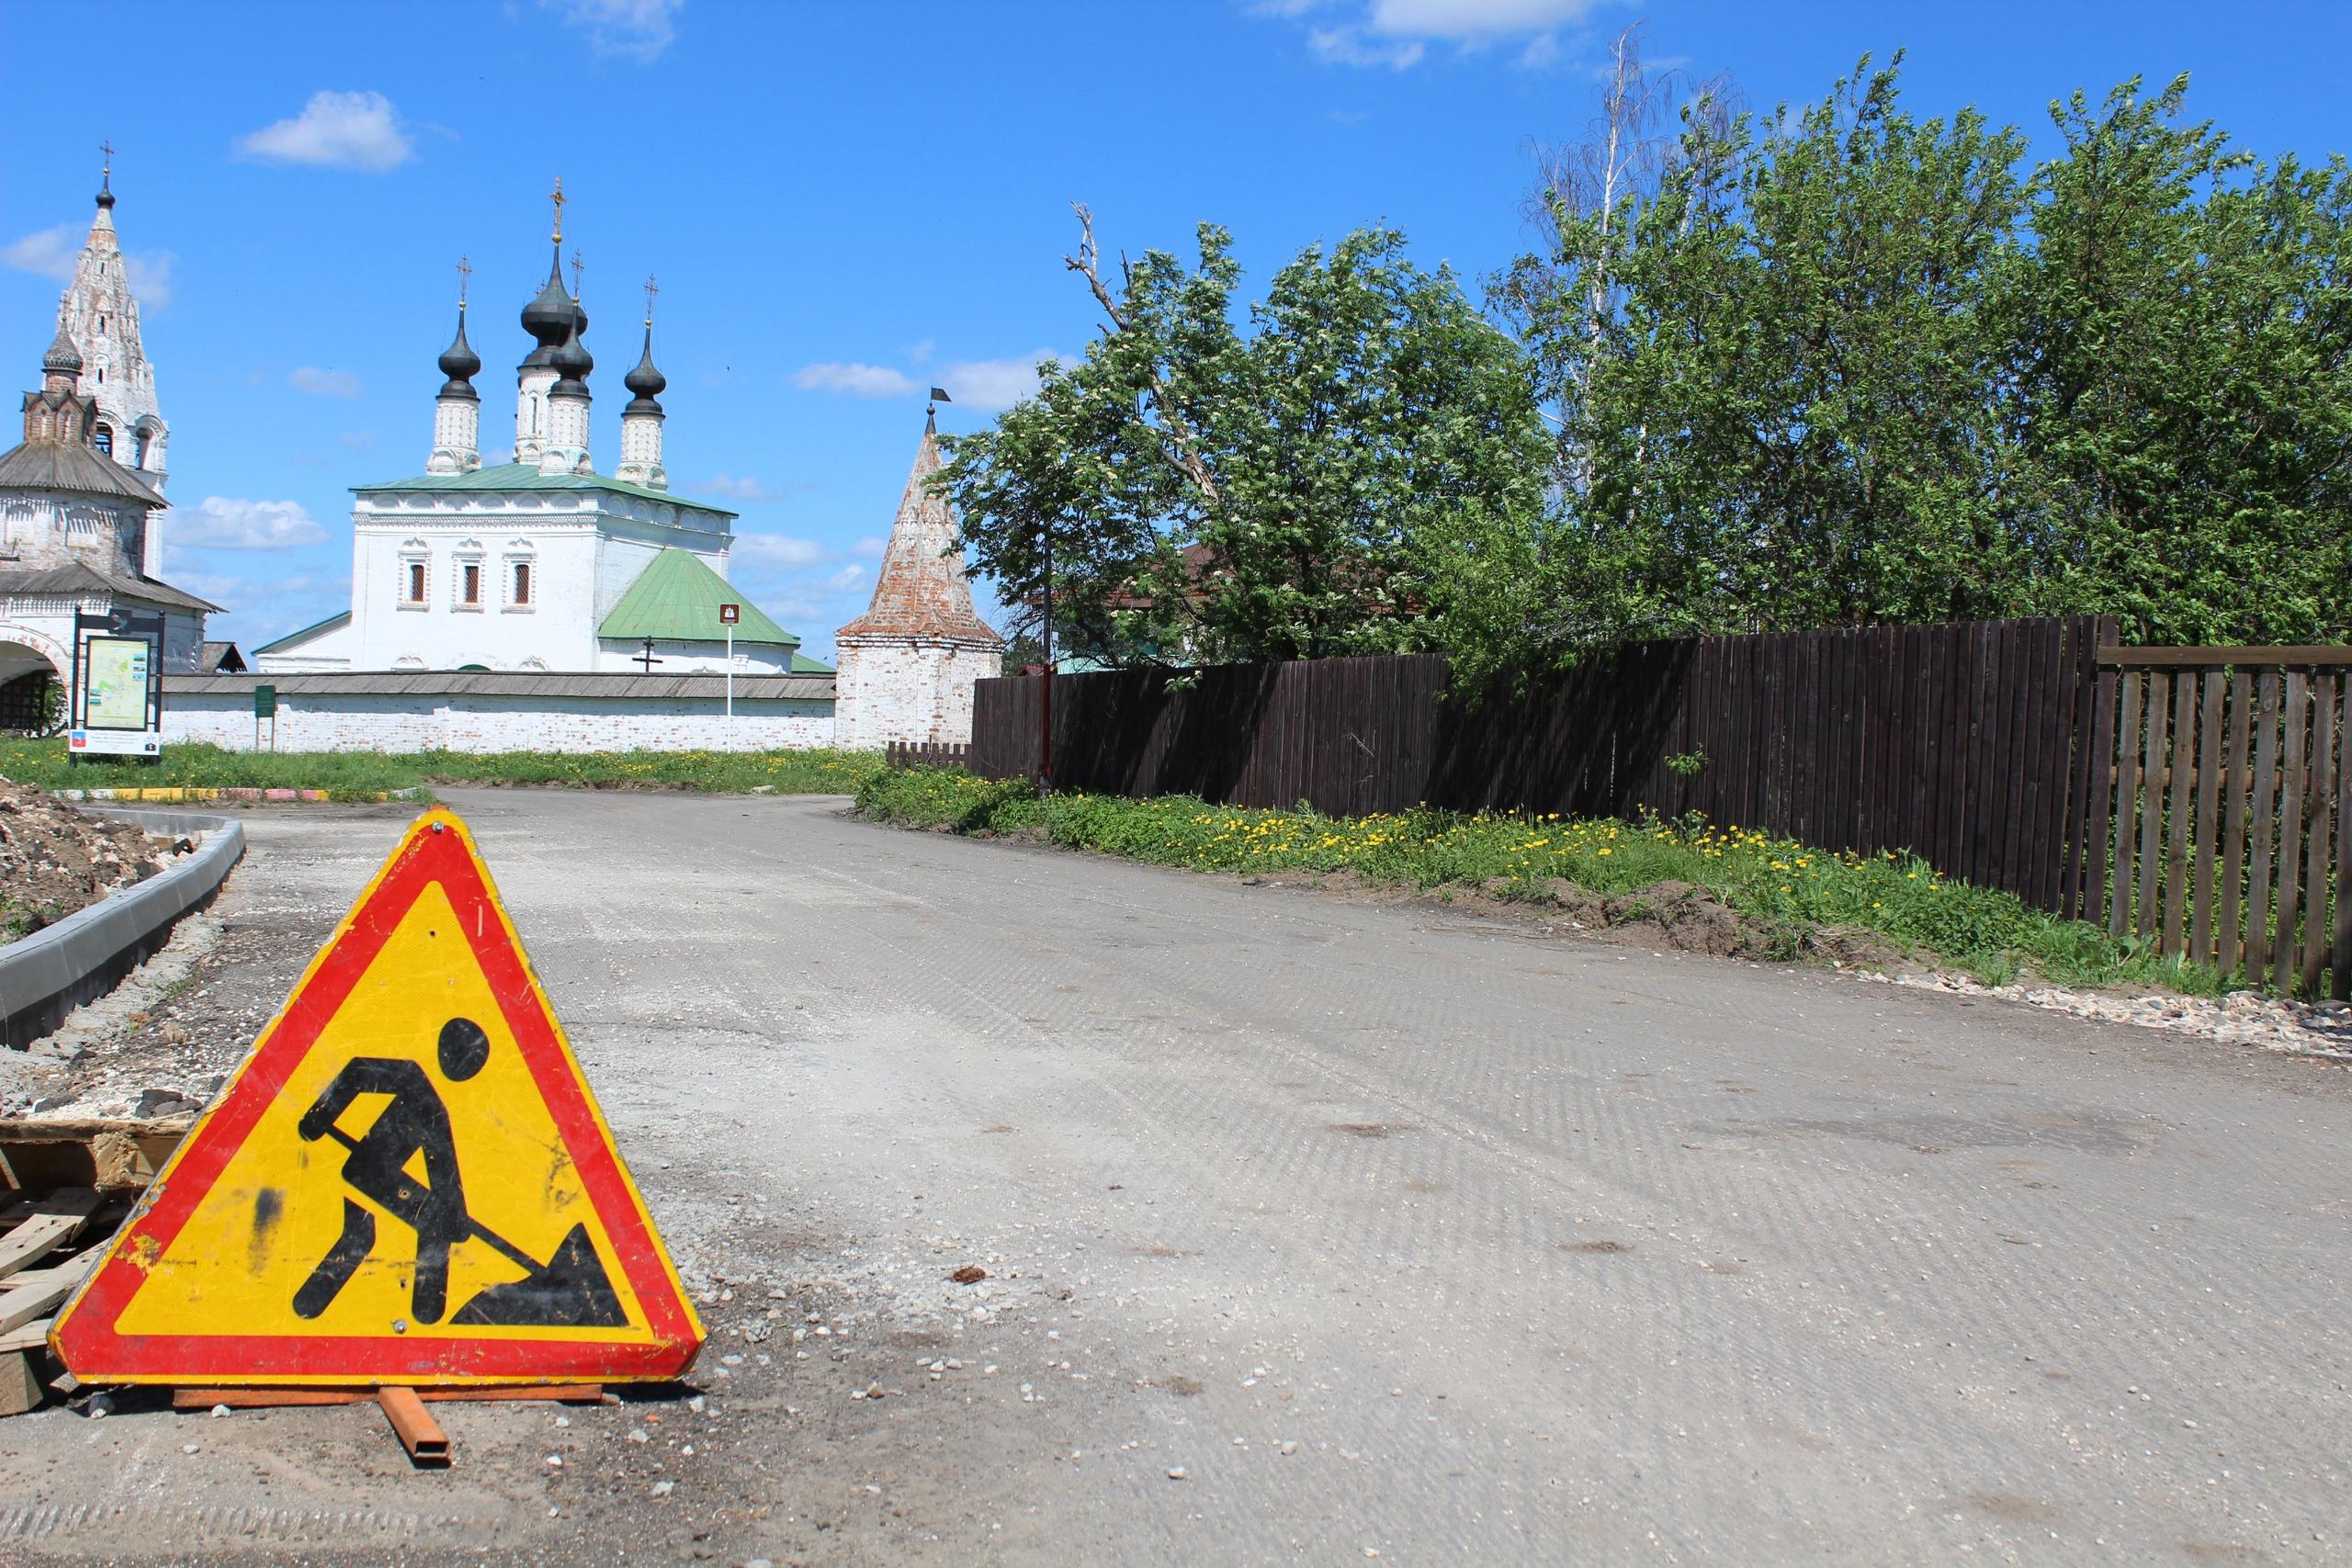 Ход дорожных работ в Суздале в рамках реализации нацпроекта